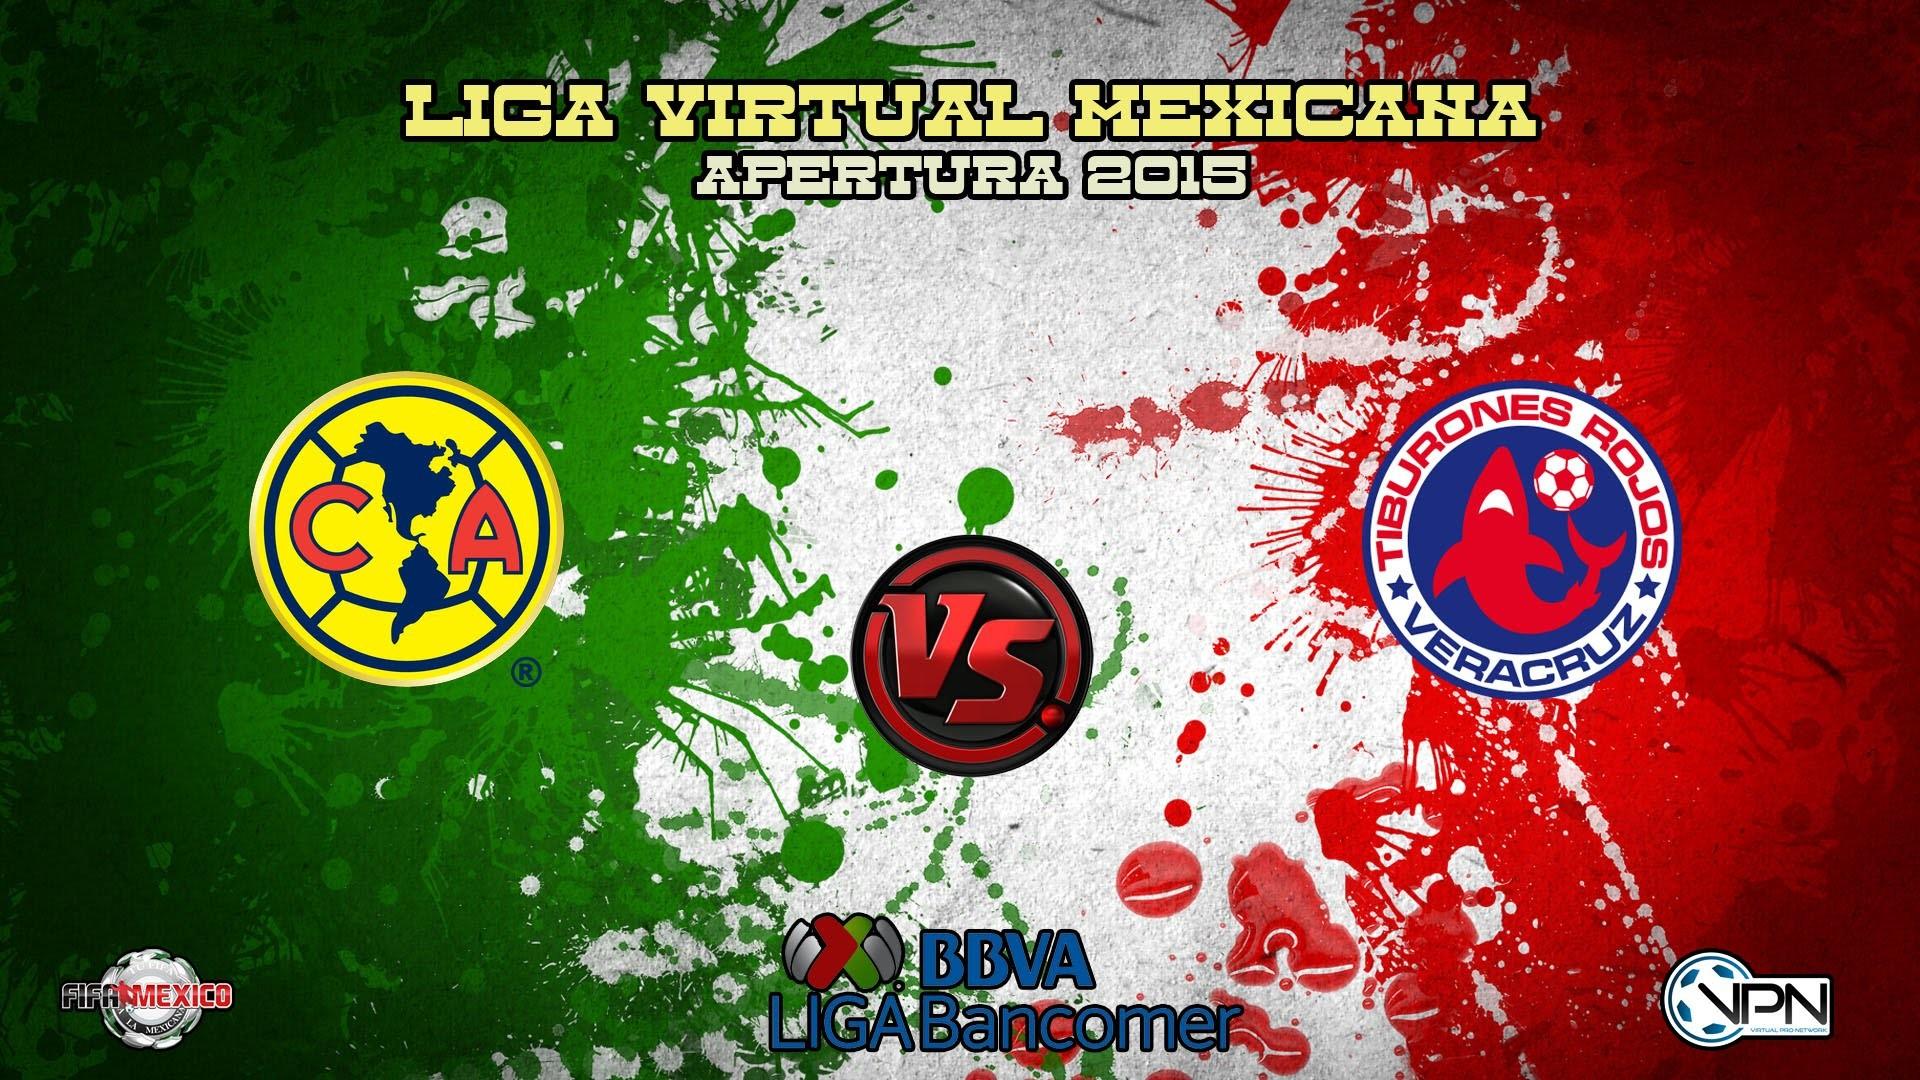 Liga Virtual Mexicana l Liguilla Apertura 2015 l Club America Vs Veracruz